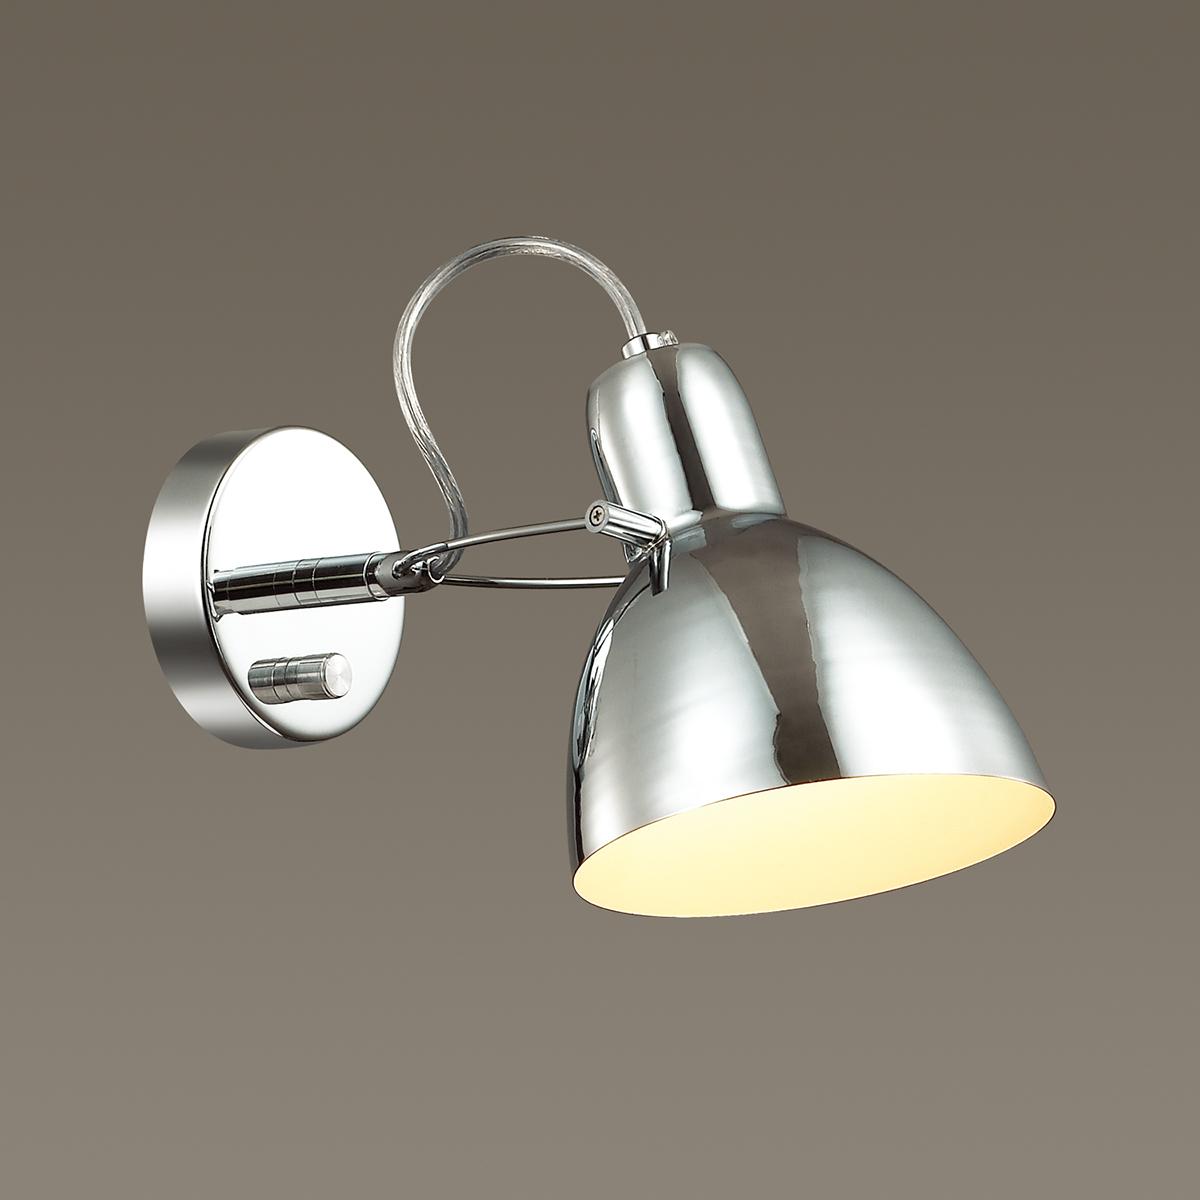 Настенный светильник с регулировкой направления света Odeon Light Credo 3952/1W, 1xE27x60W, хром, металл - фото 1